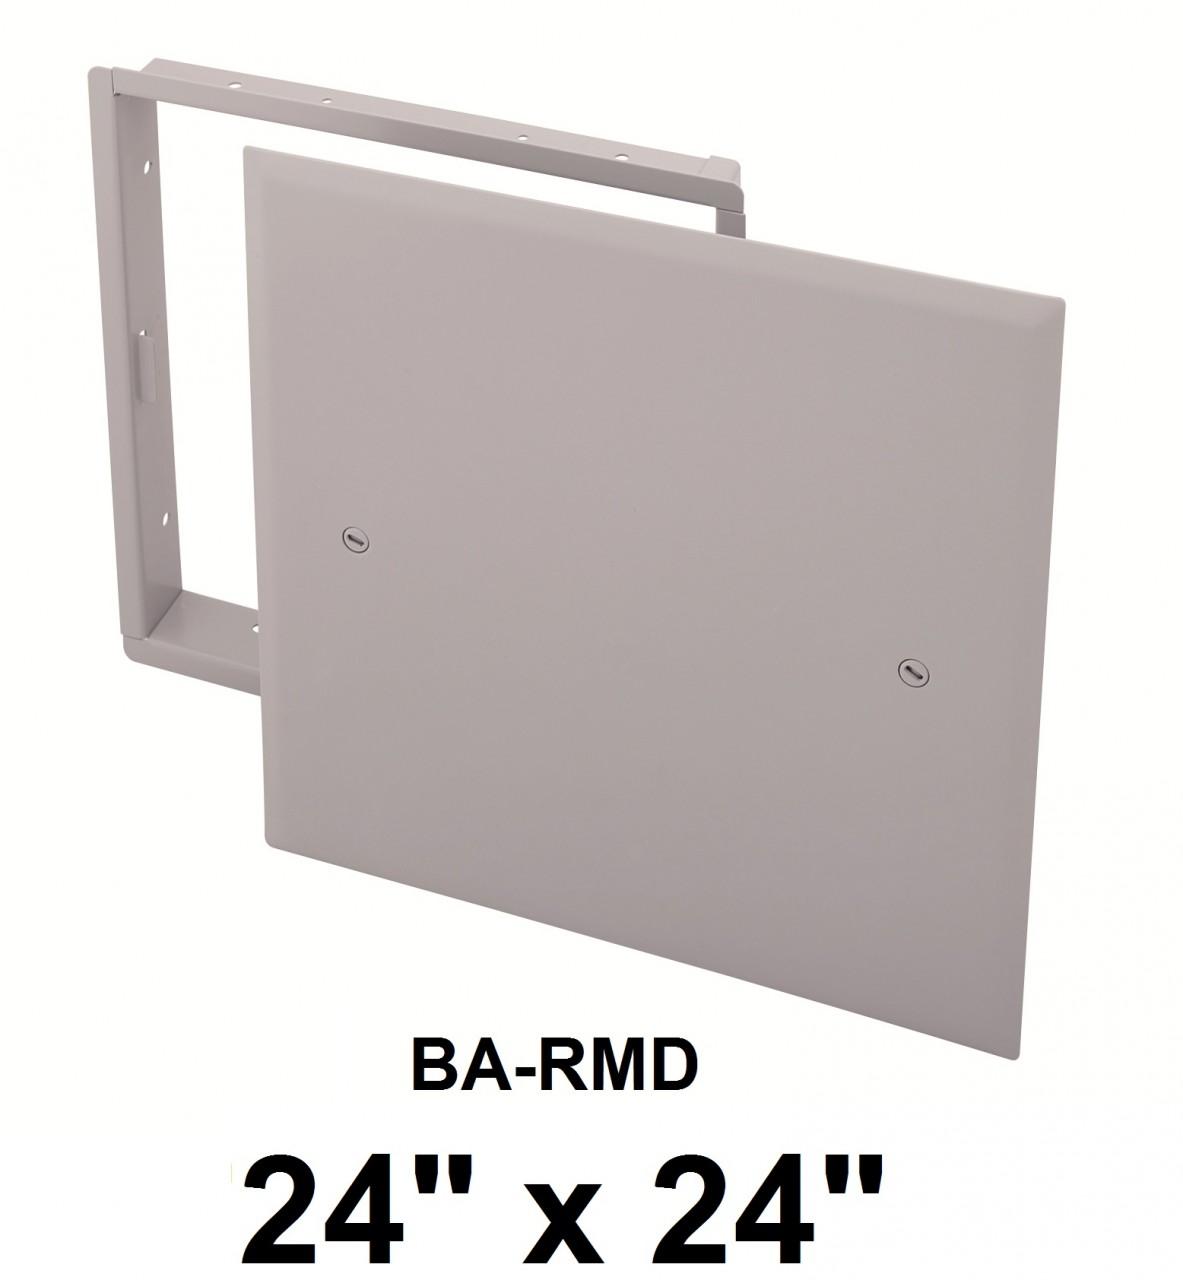 Best Access Door BA-RMD 24 x 24 Removeable with Hidden Flange